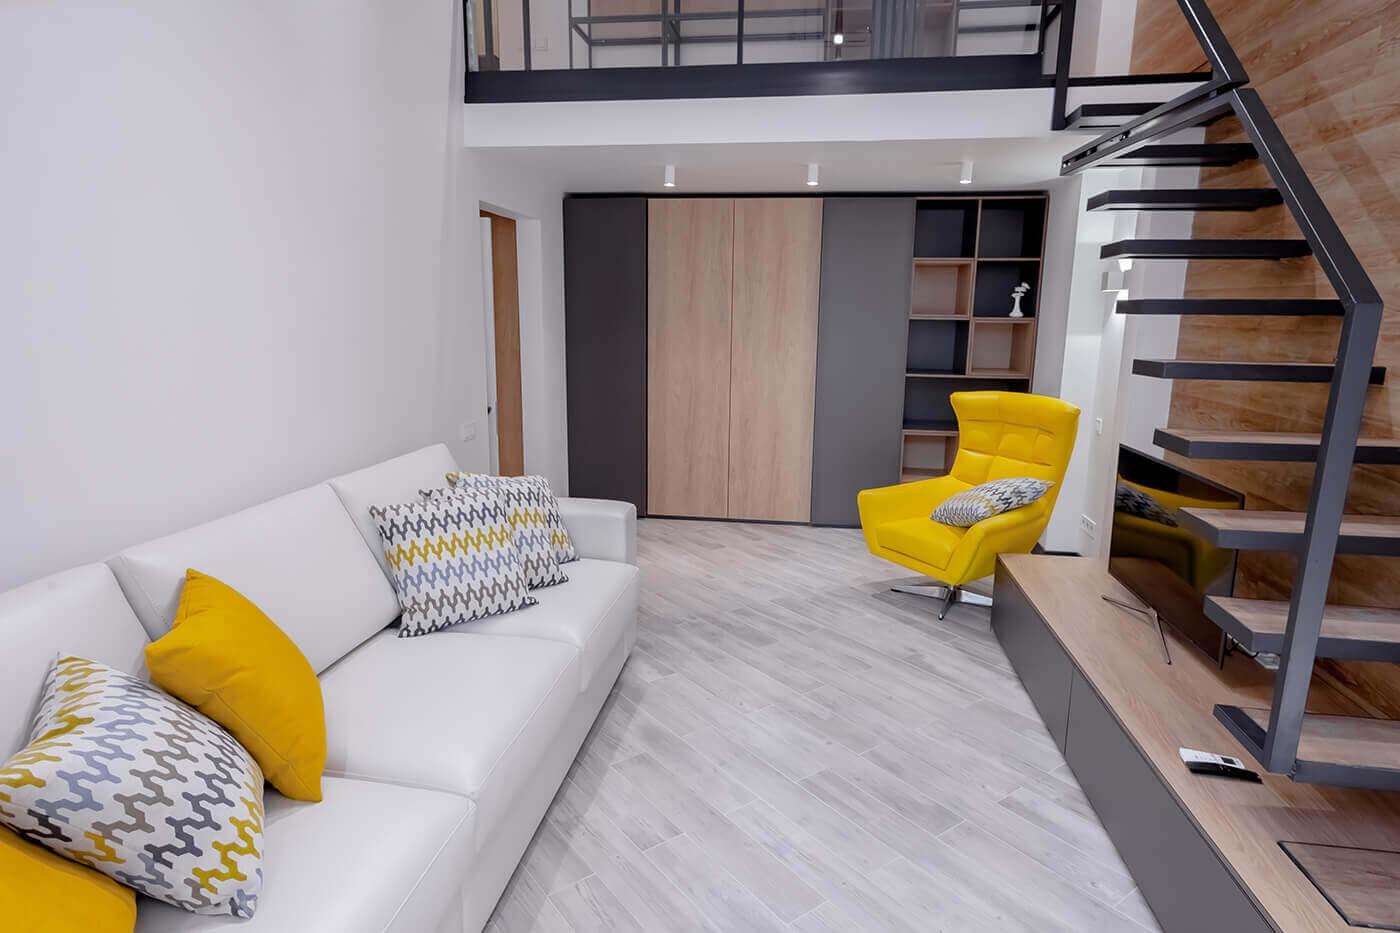 Дворівневі апартаменти Люкс у центрі Одеси. Варіанти ареди подобово та довгостроково.